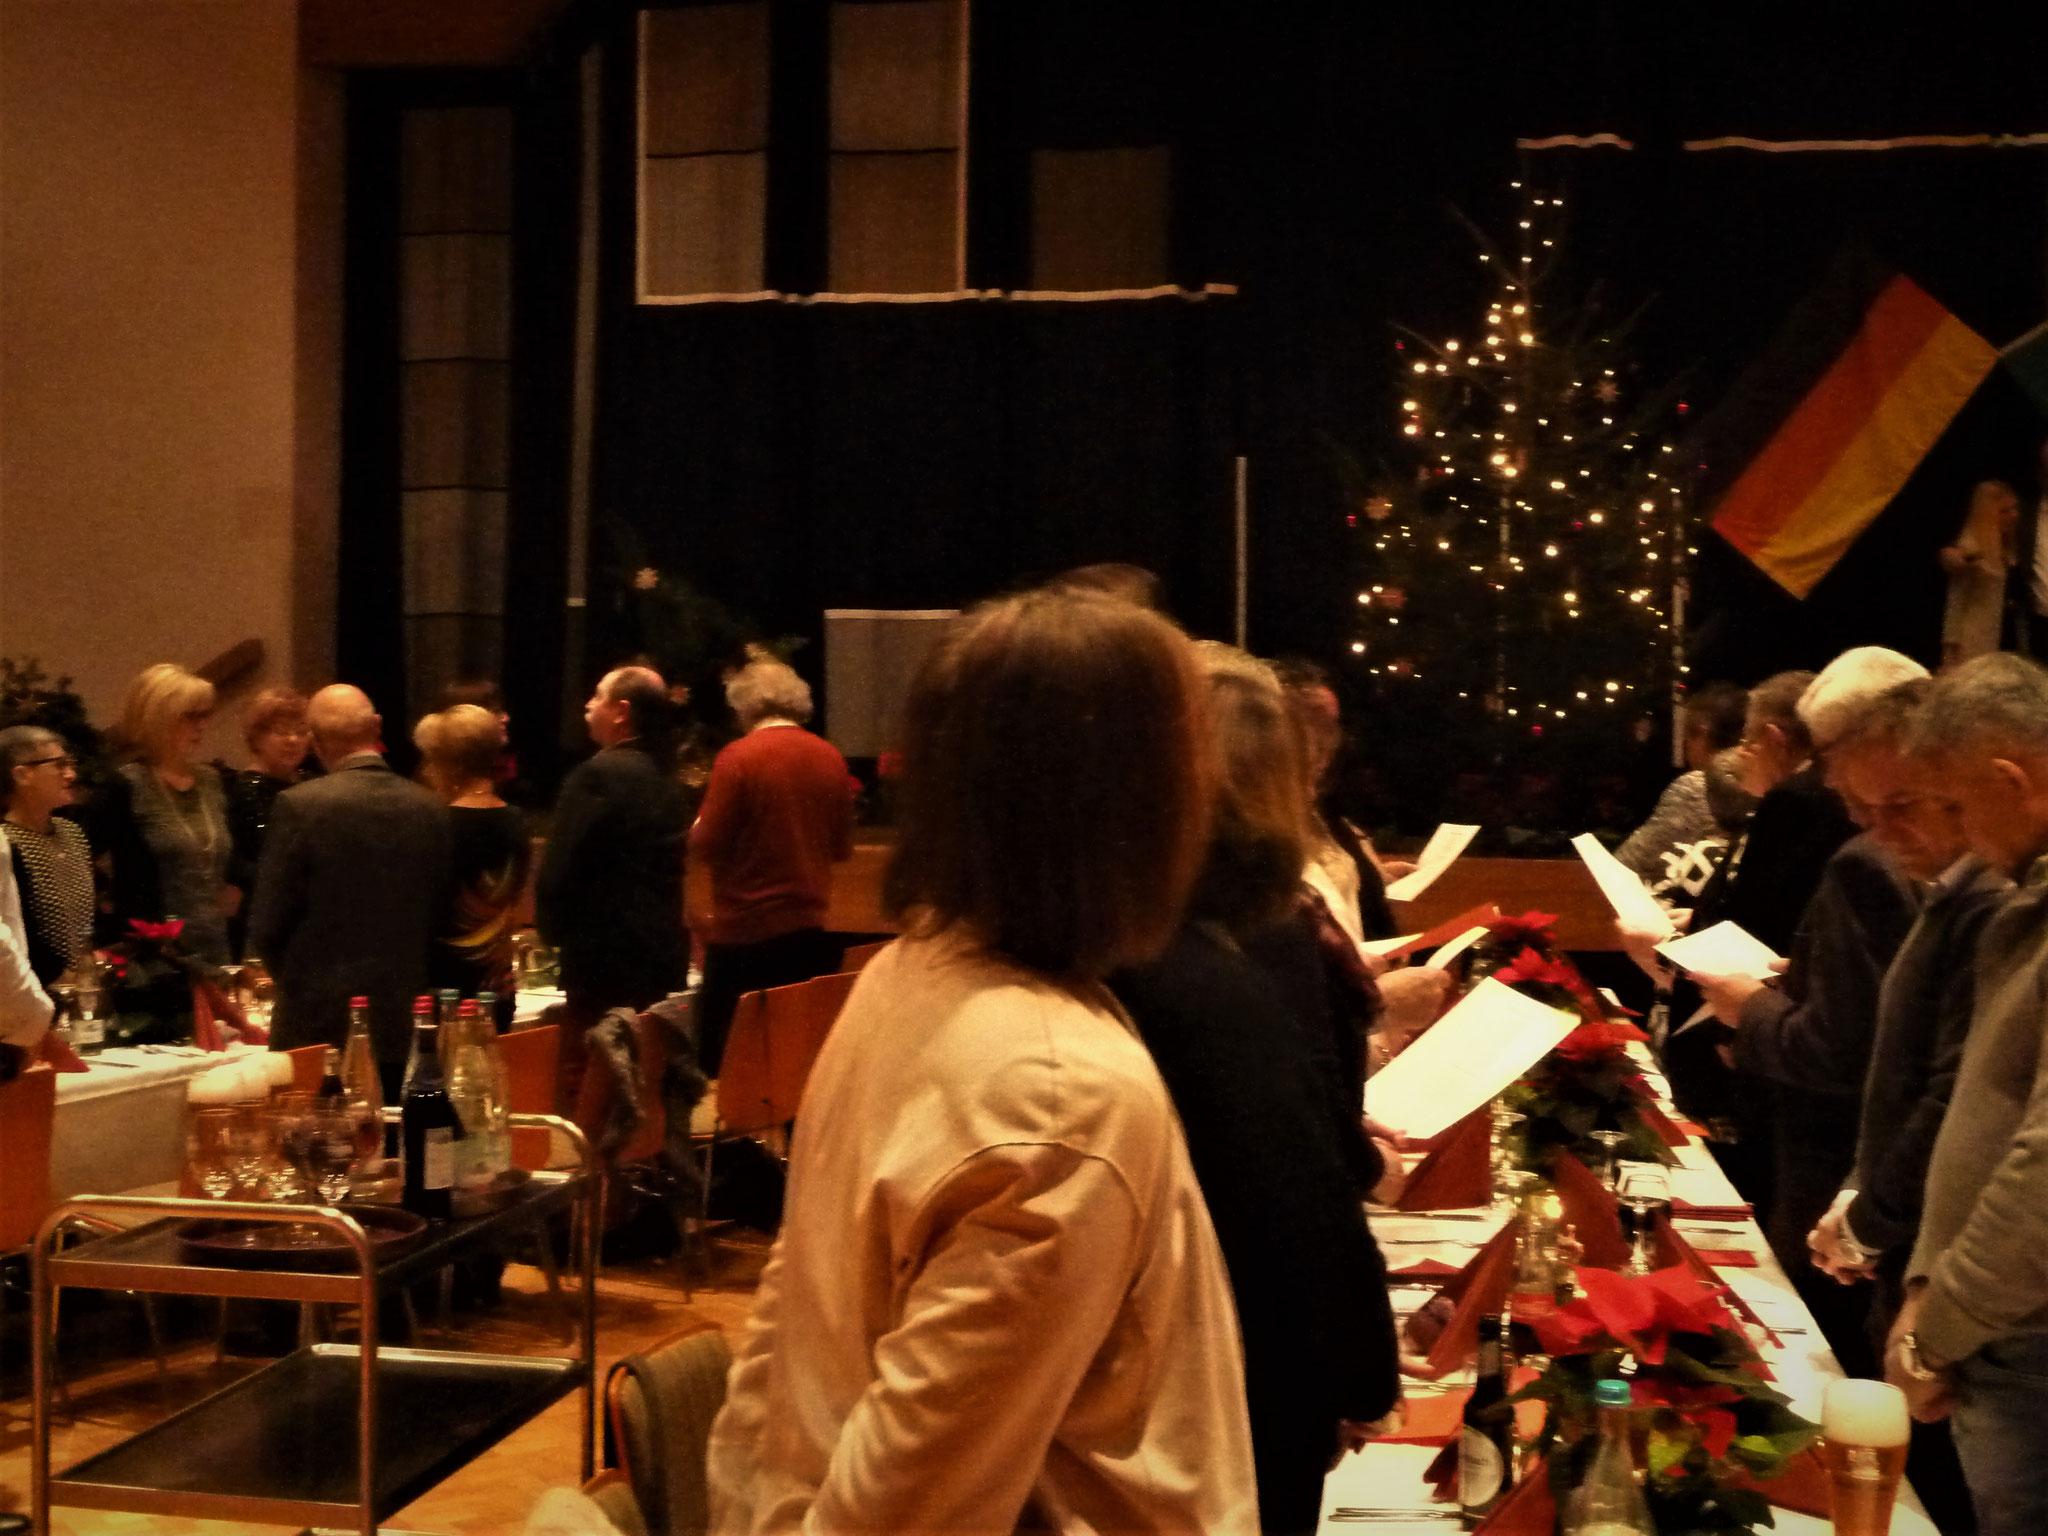 ...und italienischen Weihnachtsliedern